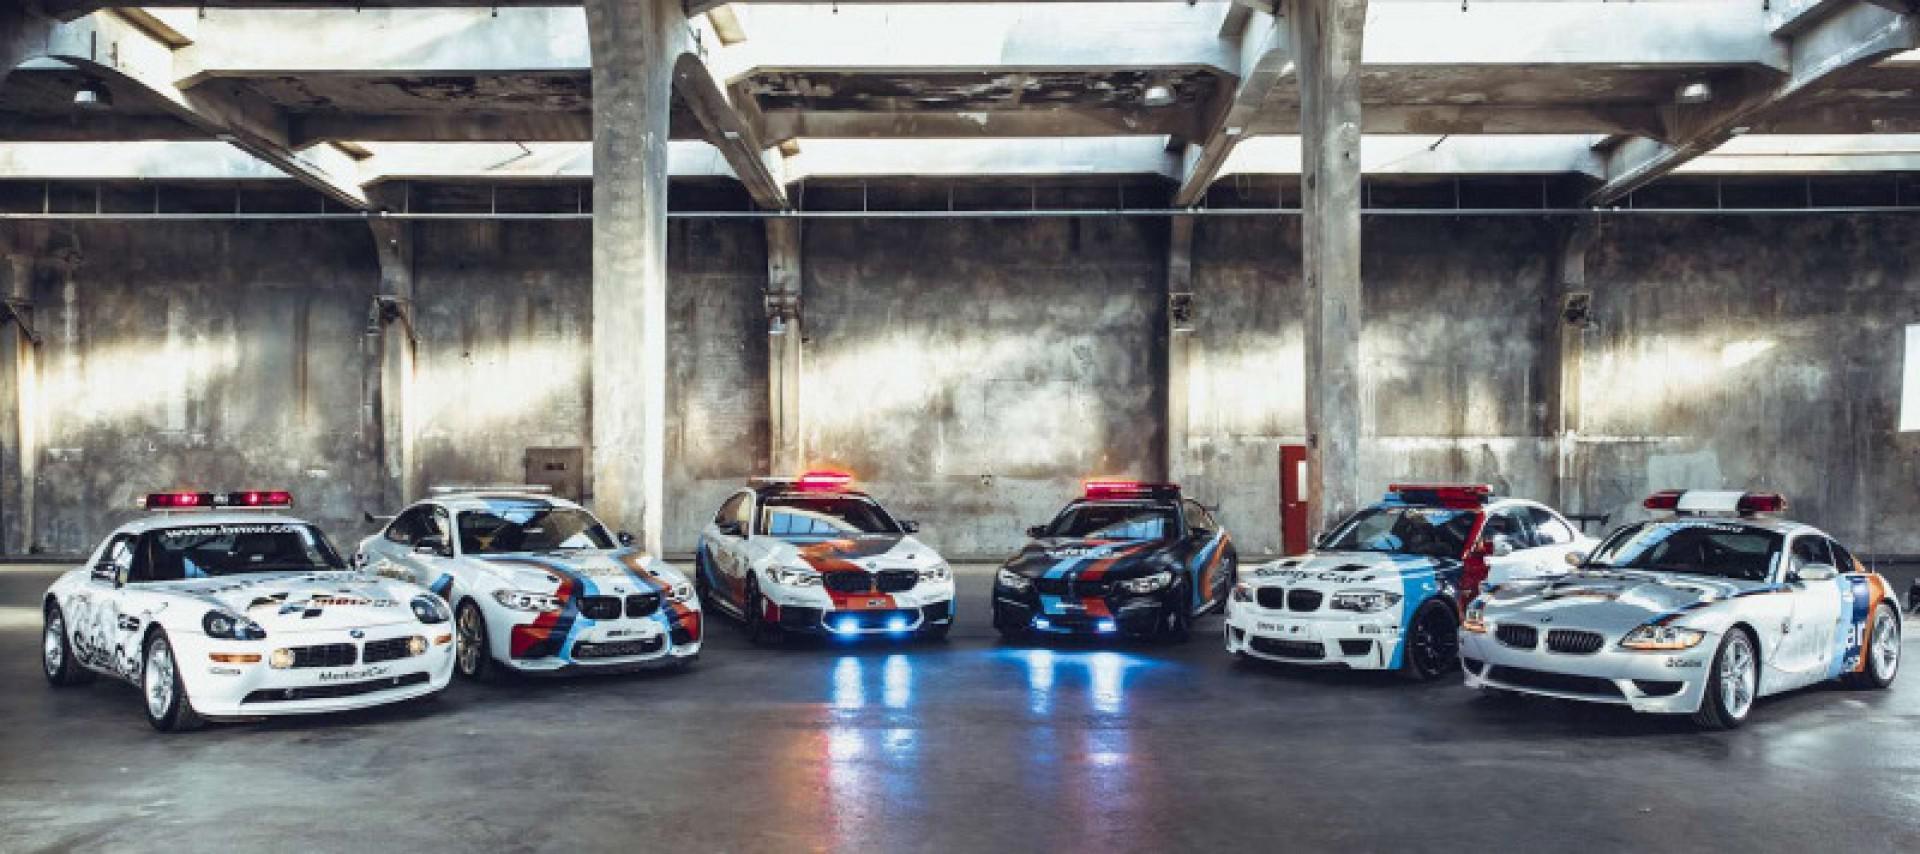 BMW M: fête 20 ans de Safety Car en championnat Moto GP !